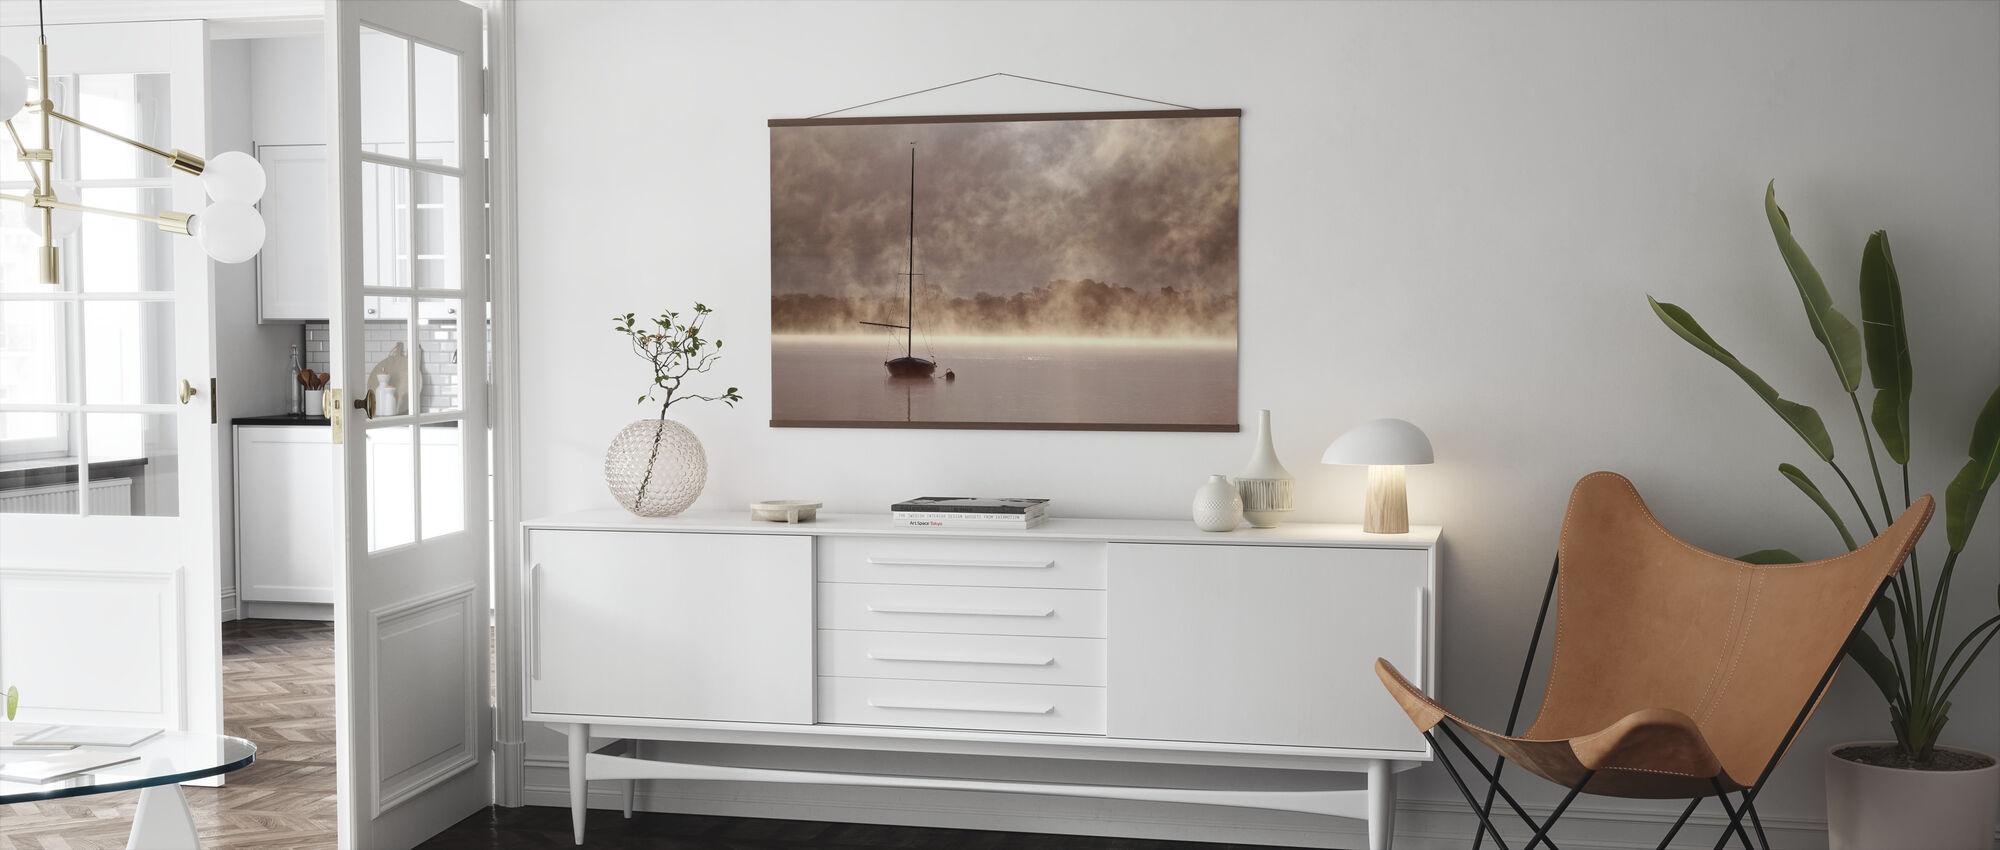 Misty Boatride - Poster - Living Room